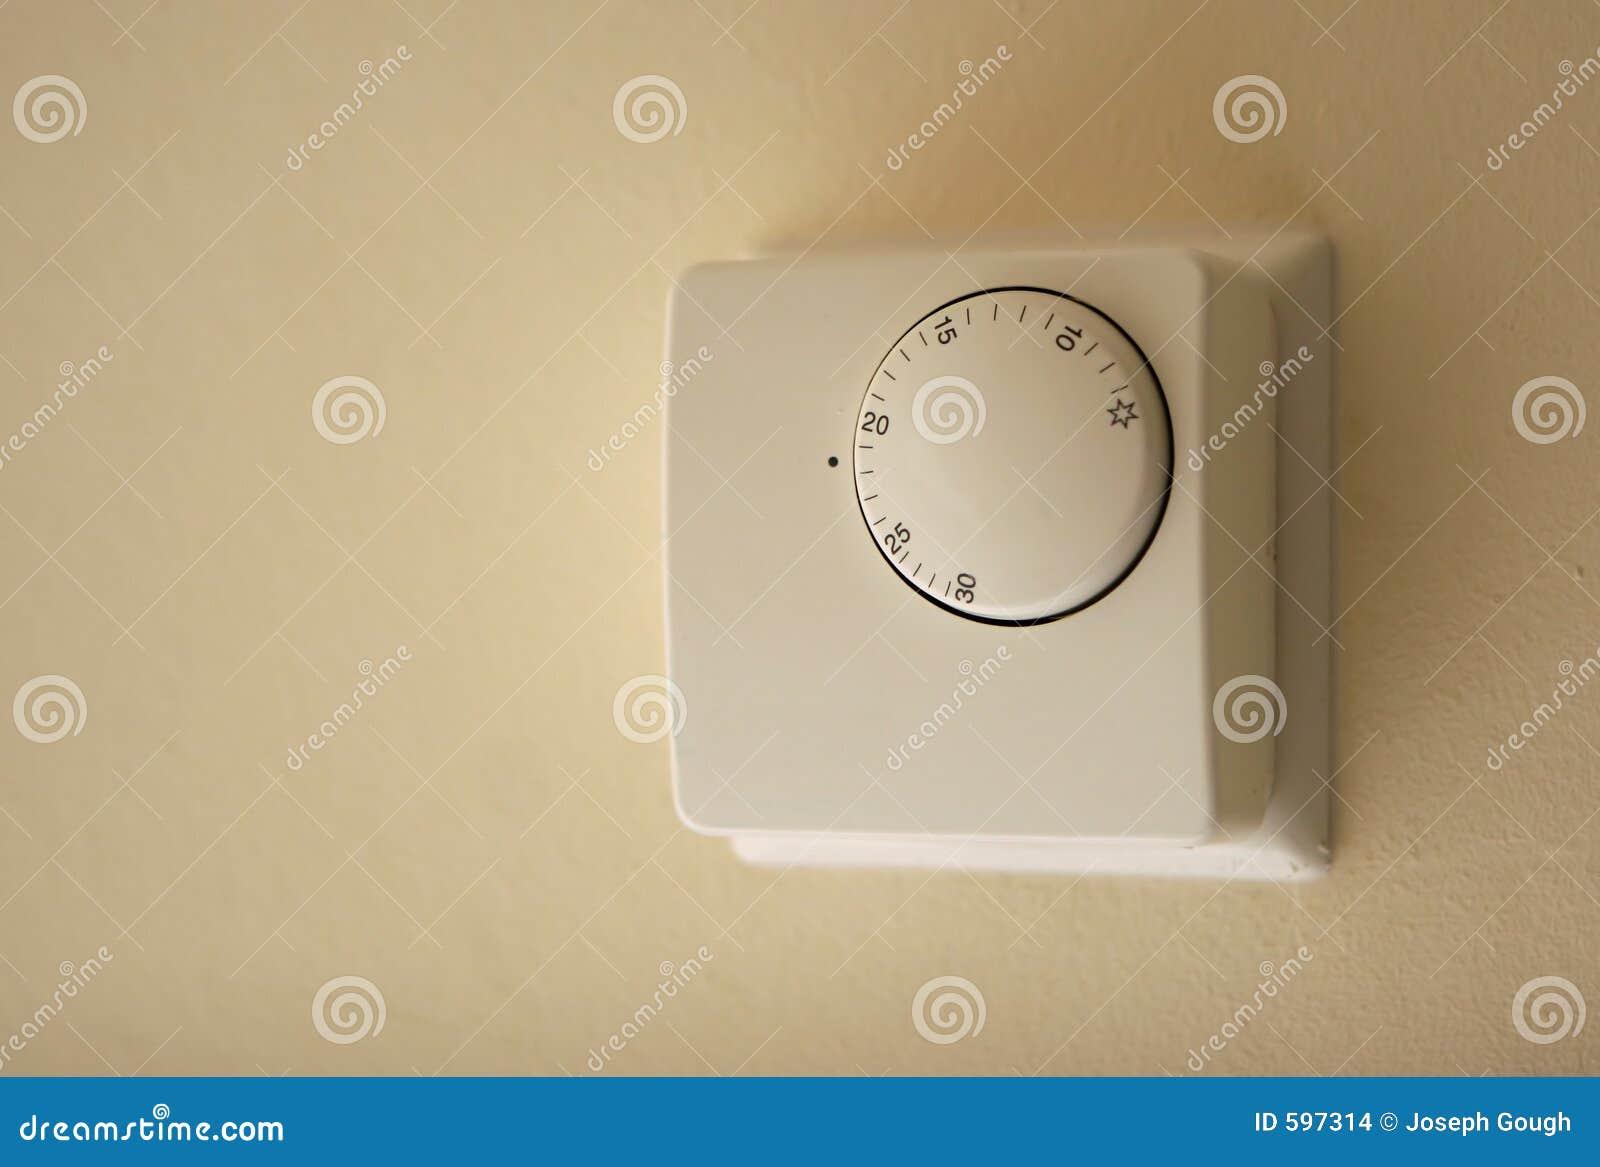 Termostato Della Caldaia Del Riscaldamento Domestico Immagini Stock - Immagine: 597314